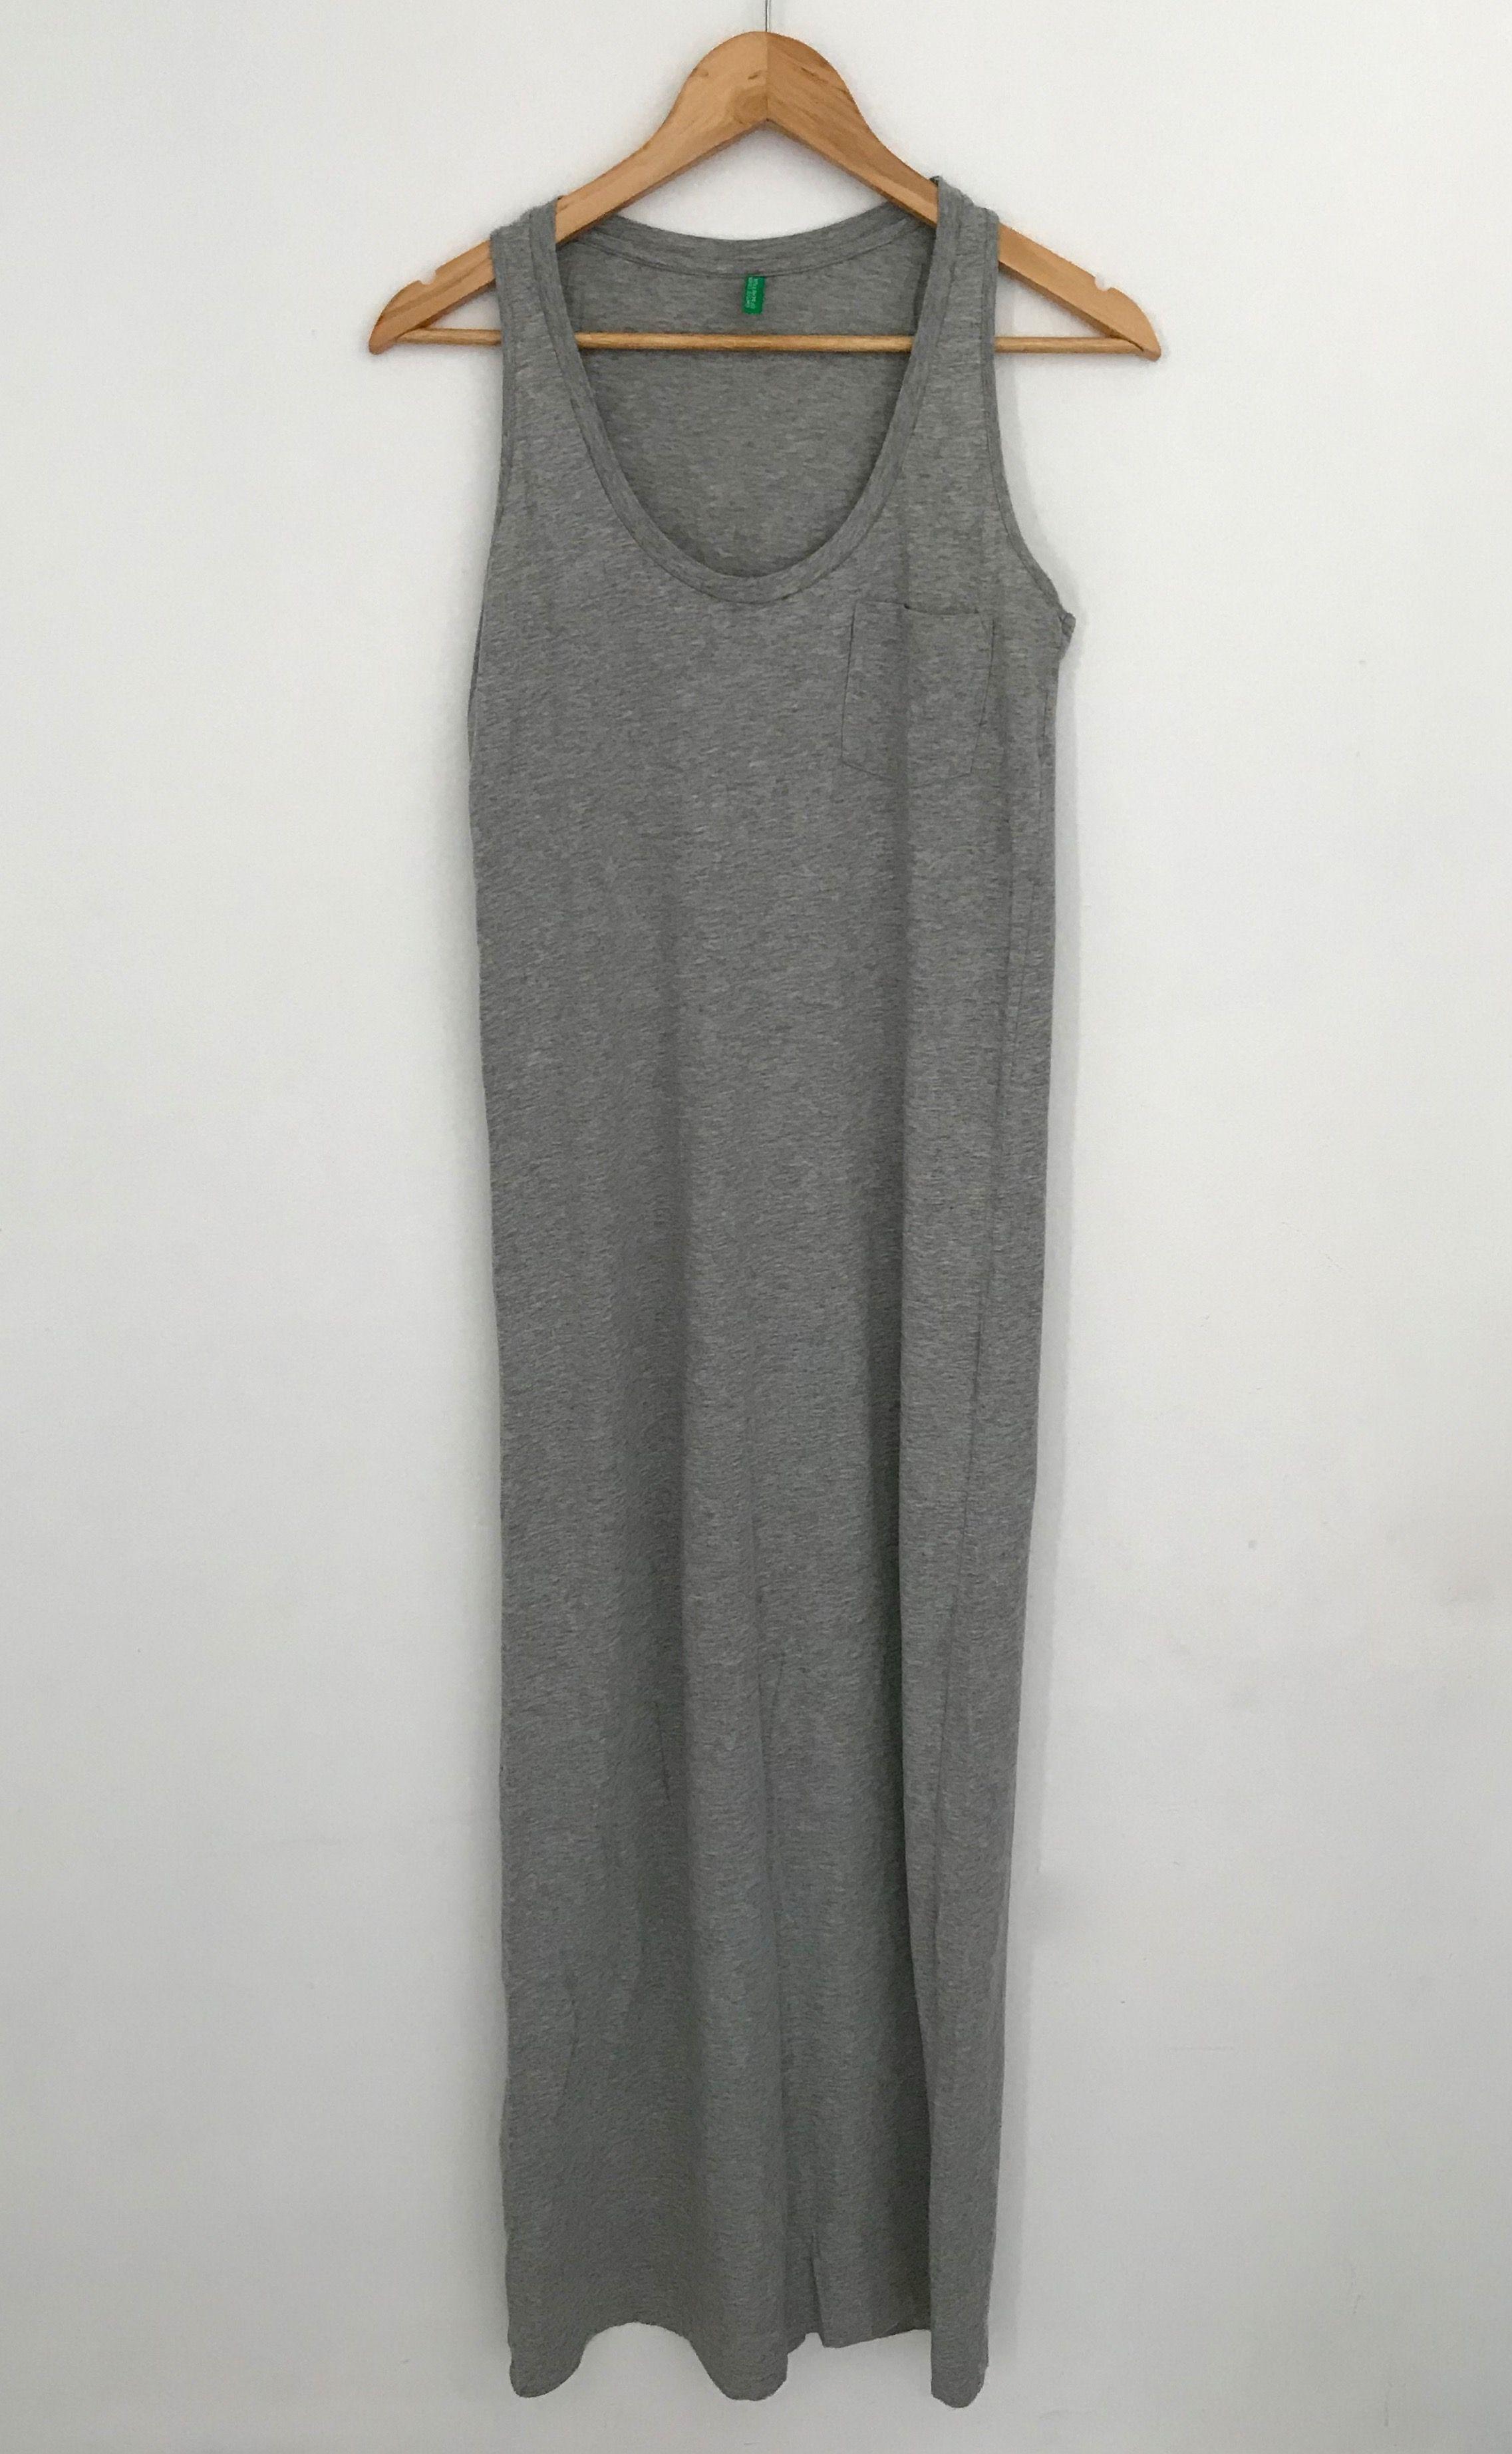 b1856e498f3 Robe Benetton Robe longue et grise chiné Petite poche sur la poitrine 📏  Taille 36